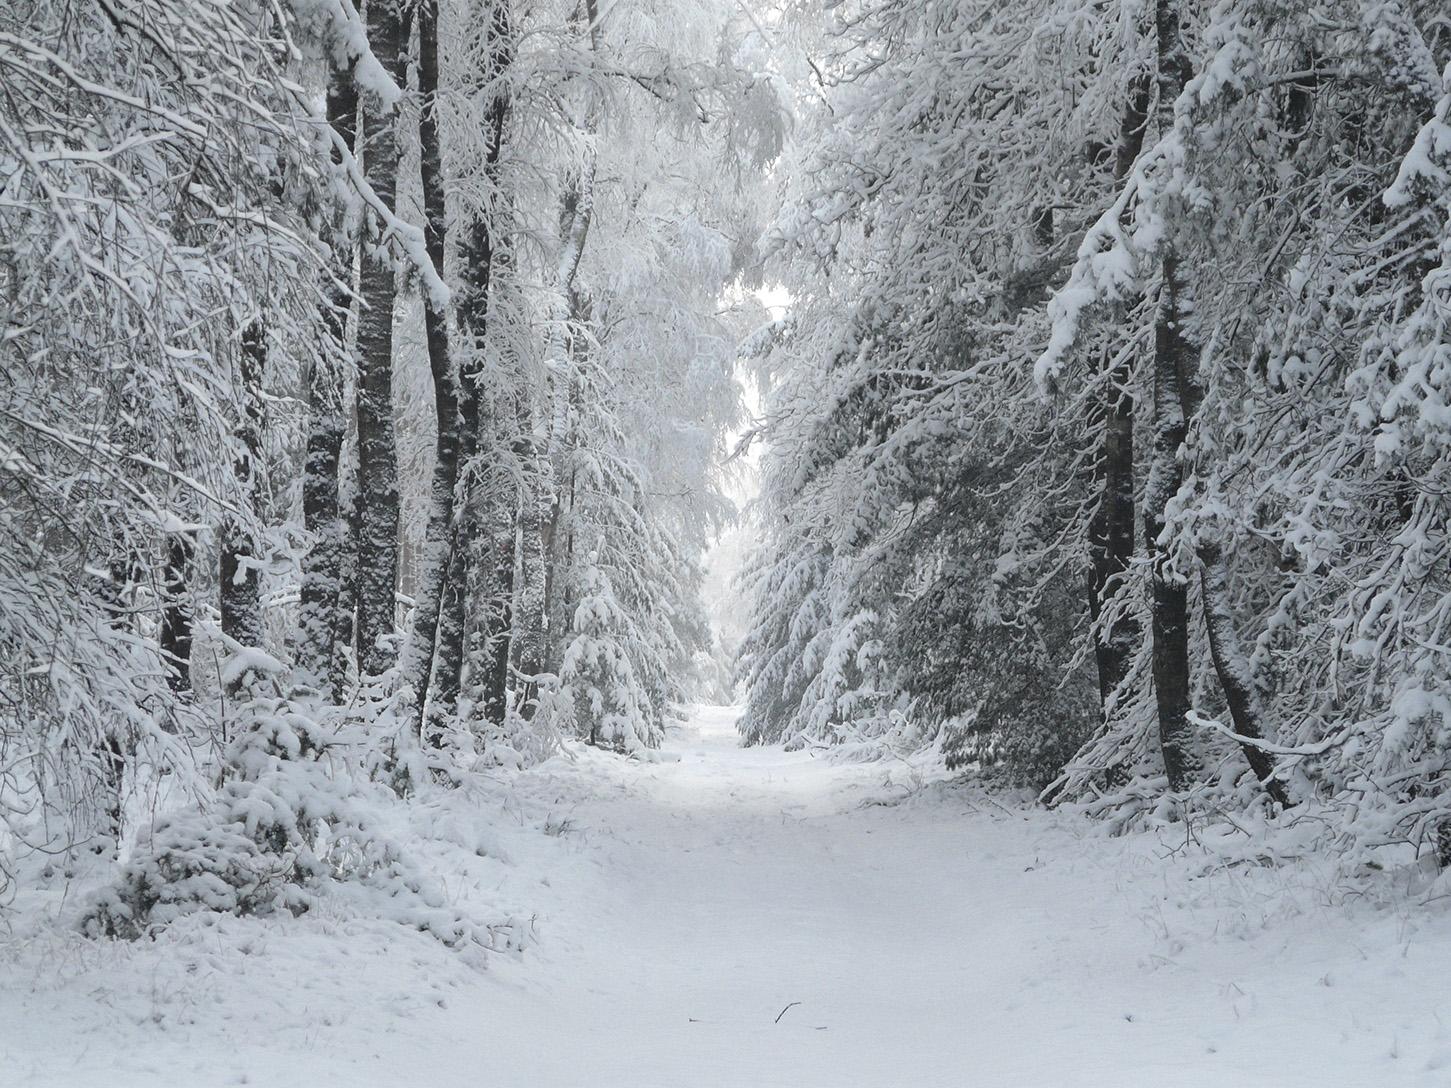 Prachtig doorkijkje tussen de enorme met sneeuw bedekte sparren – Foto: ©Louis Fraanje